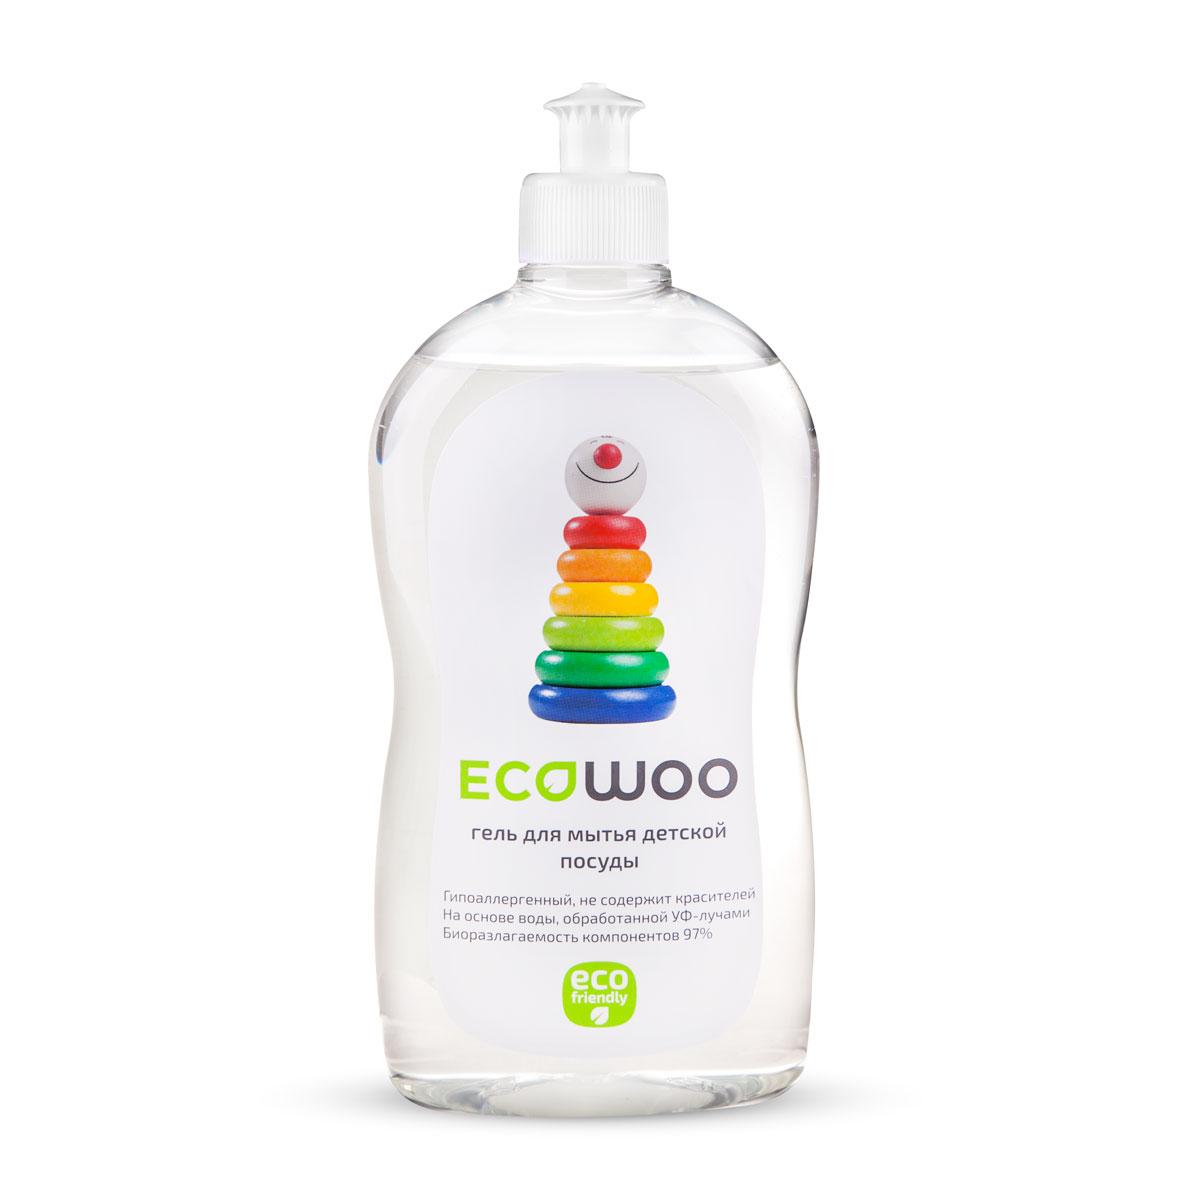 Гель EcoWoo для мытья овощей и фруктов, детской посуды и принадлежностей, 0,5 л4602984004928Специально разработан для мытья всех видов детской посуды, бутылочек, сосок из латекса и силикона, игрушек, любых детских принадлежностей, а также овощей и фруктов. Средство гипоаллергенно, не содержит ароматизаторов и красителя. Легко удаляет остатки продуктов. Полностью смывается водой со всех видов посуды и игрушек (в том числе холодной и жесткой). Очищает овощи и фрукты от воскового покрытия, смывает пестициды, гербициды, инсектициды с кожуры овощей и фруктов.Средство безвредно для человека и природы – биоразлагаемость компонентов 97% Подходит для людей с чувствительной кожей.